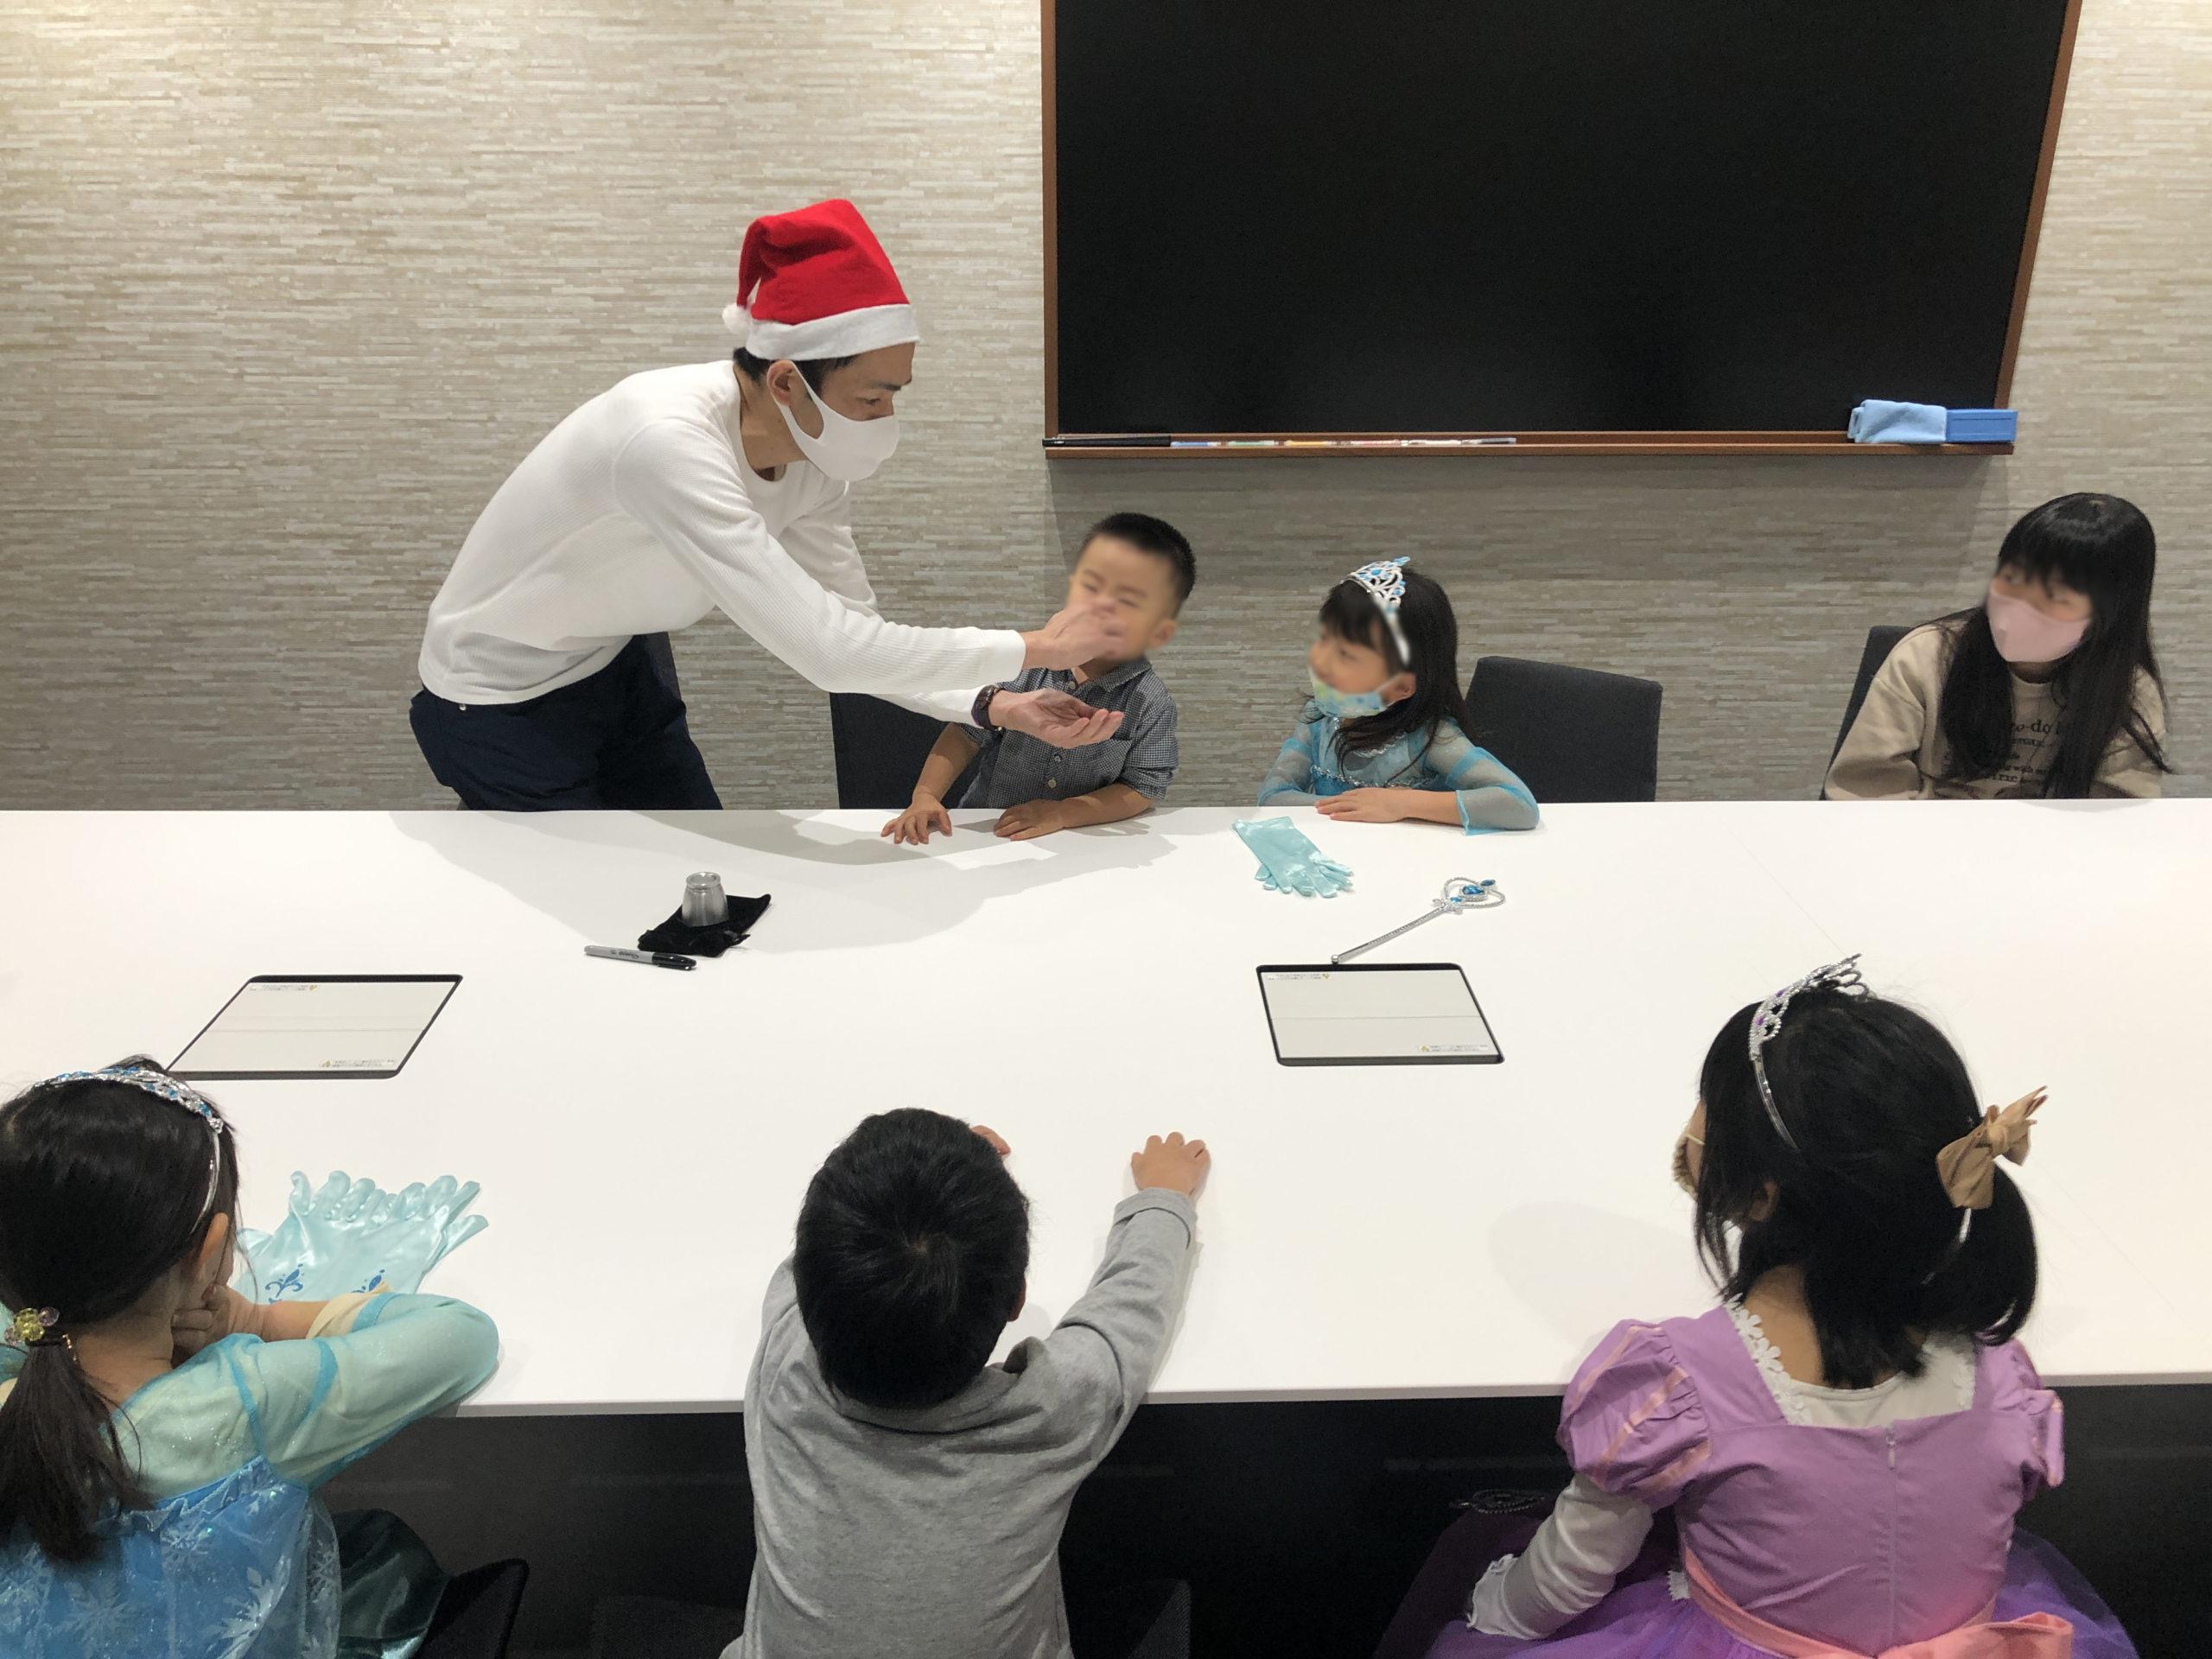 鼻からボールが出現 子供向け 企業のファミリークリスマスパーティーでマジシャンのマジックショー 東京都千代田区